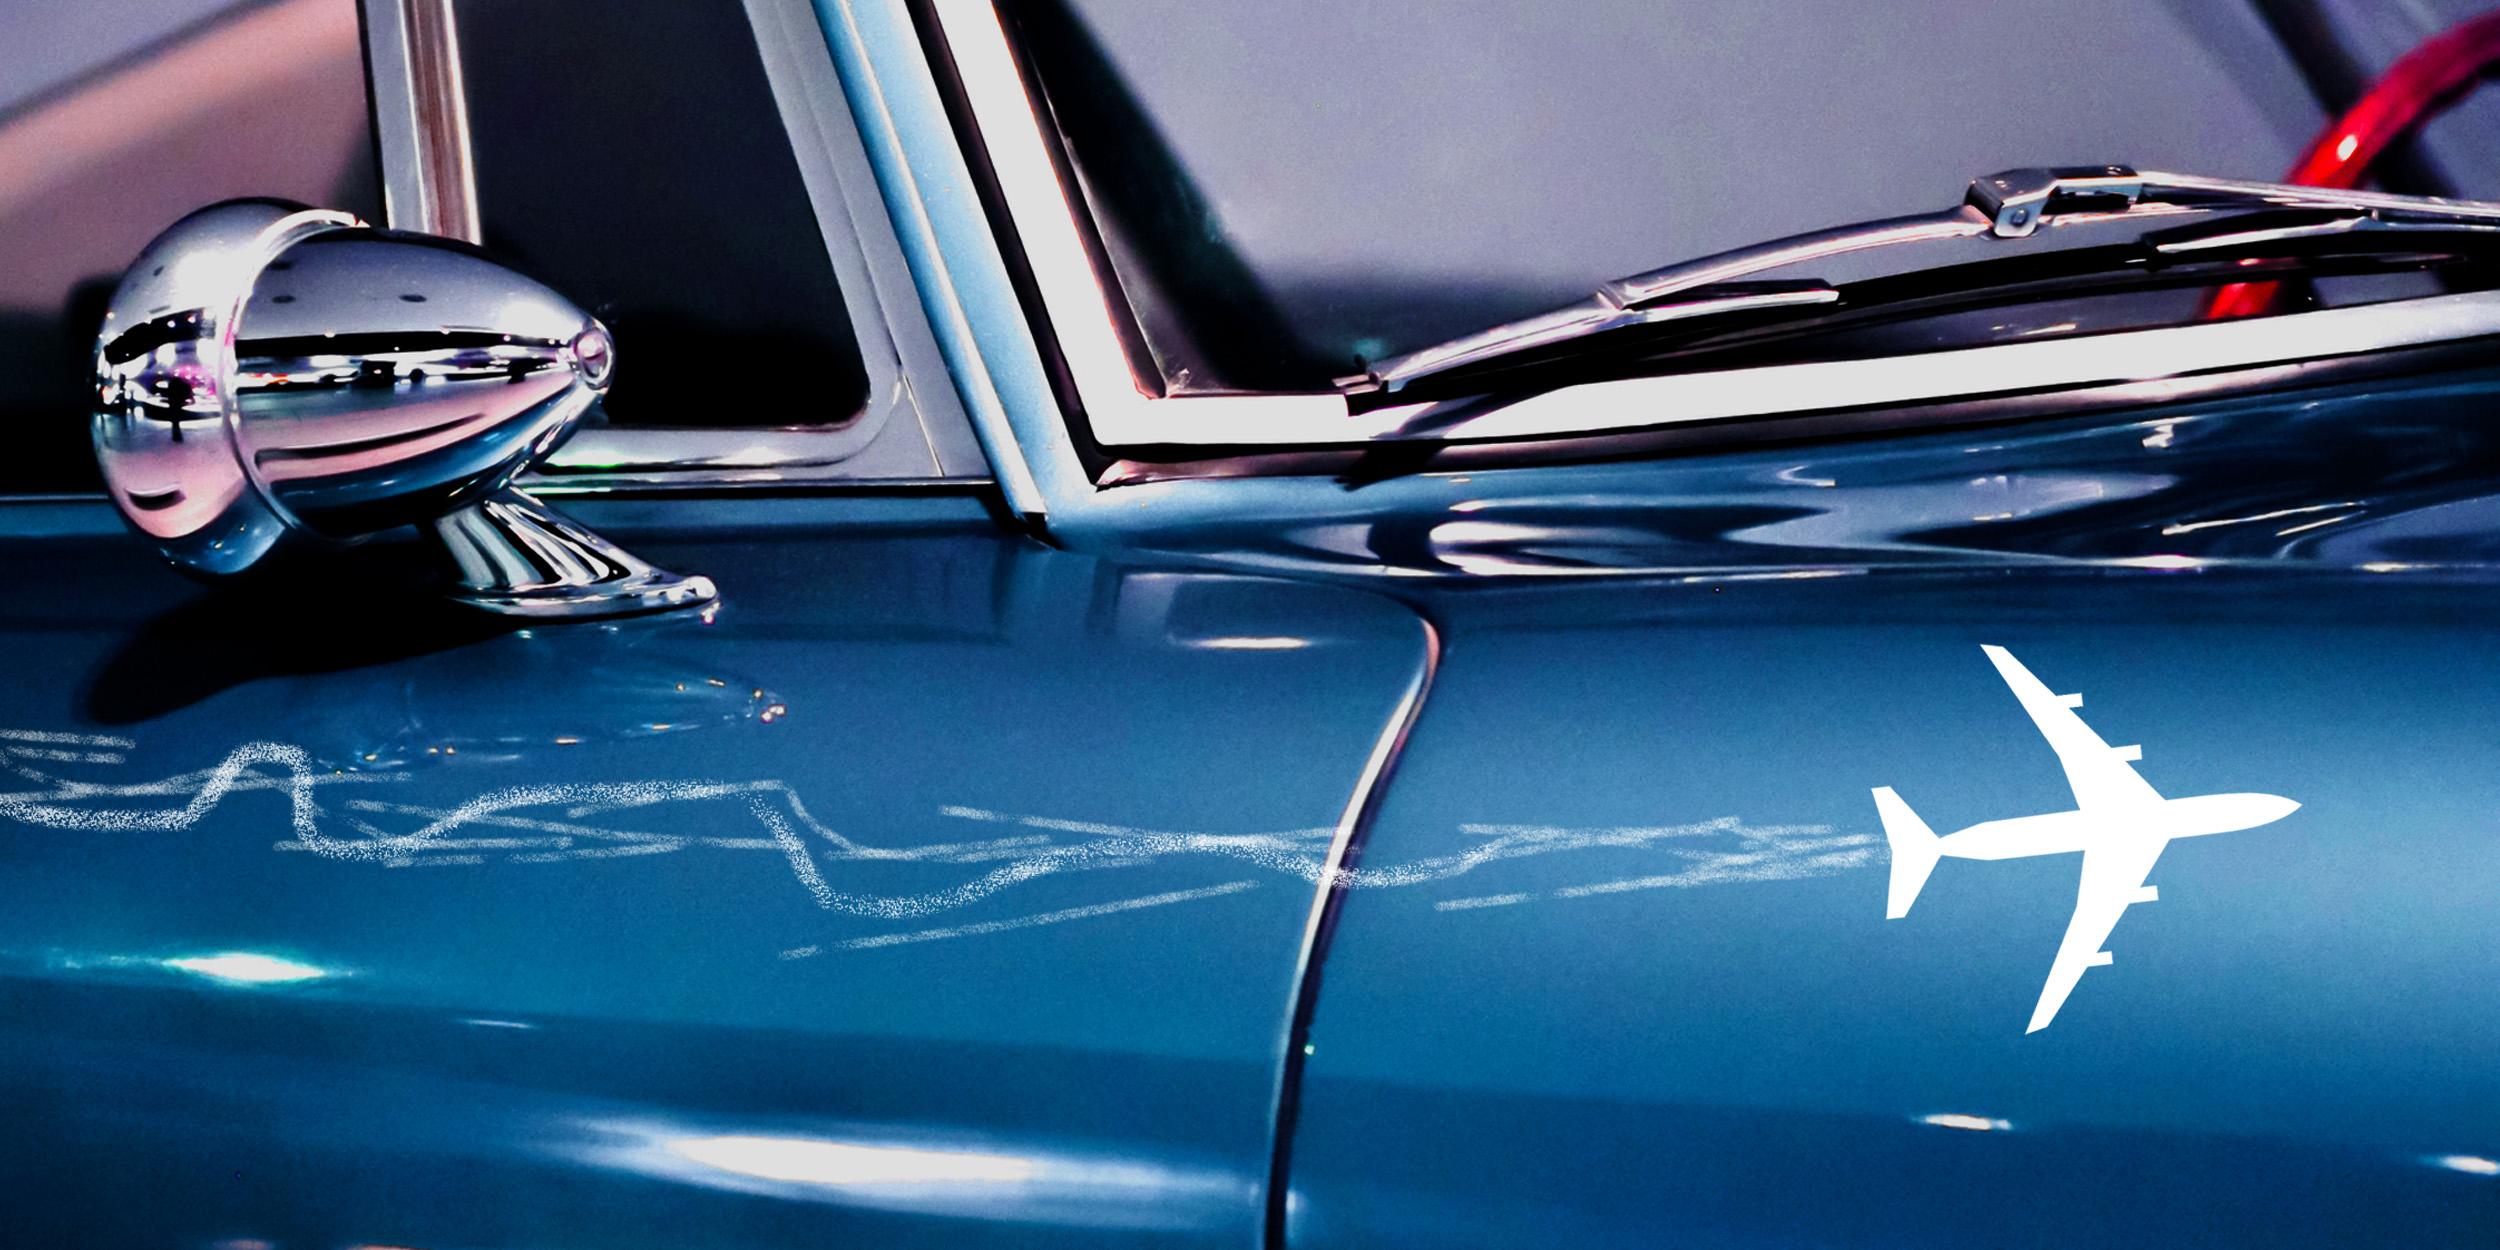 Как убрать царапины на машине своими руками - лайфхакер